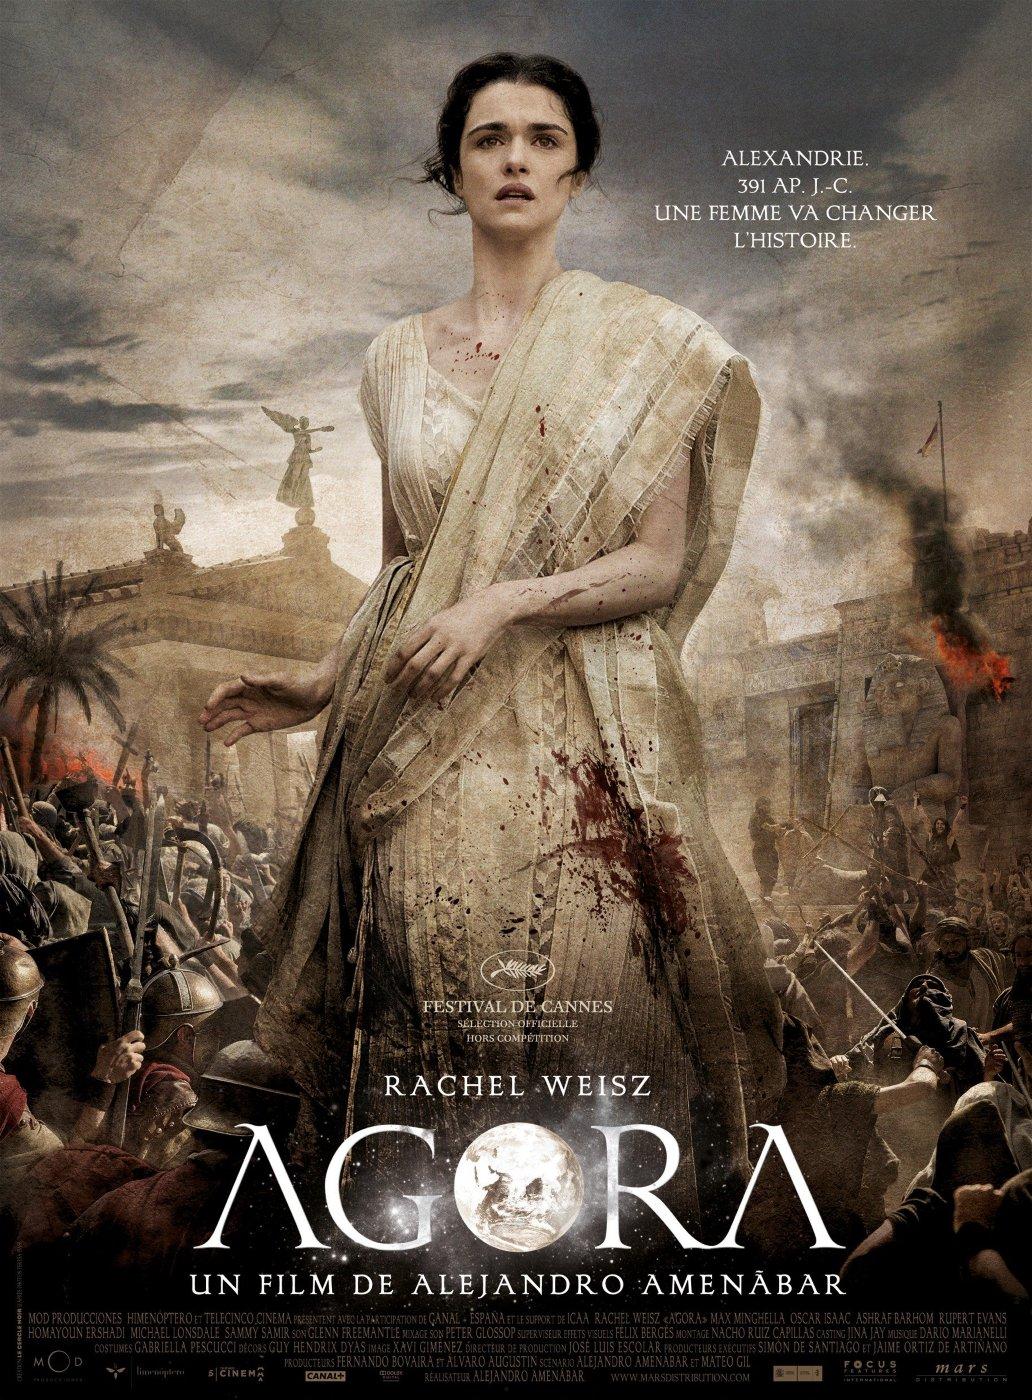 http://4.bp.blogspot.com/_mczN-XBPDdc/TC6RCfsutwI/AAAAAAAACQ4/6F2XSoJ-T4g/s1600/agora_movie_french_poster.jpg